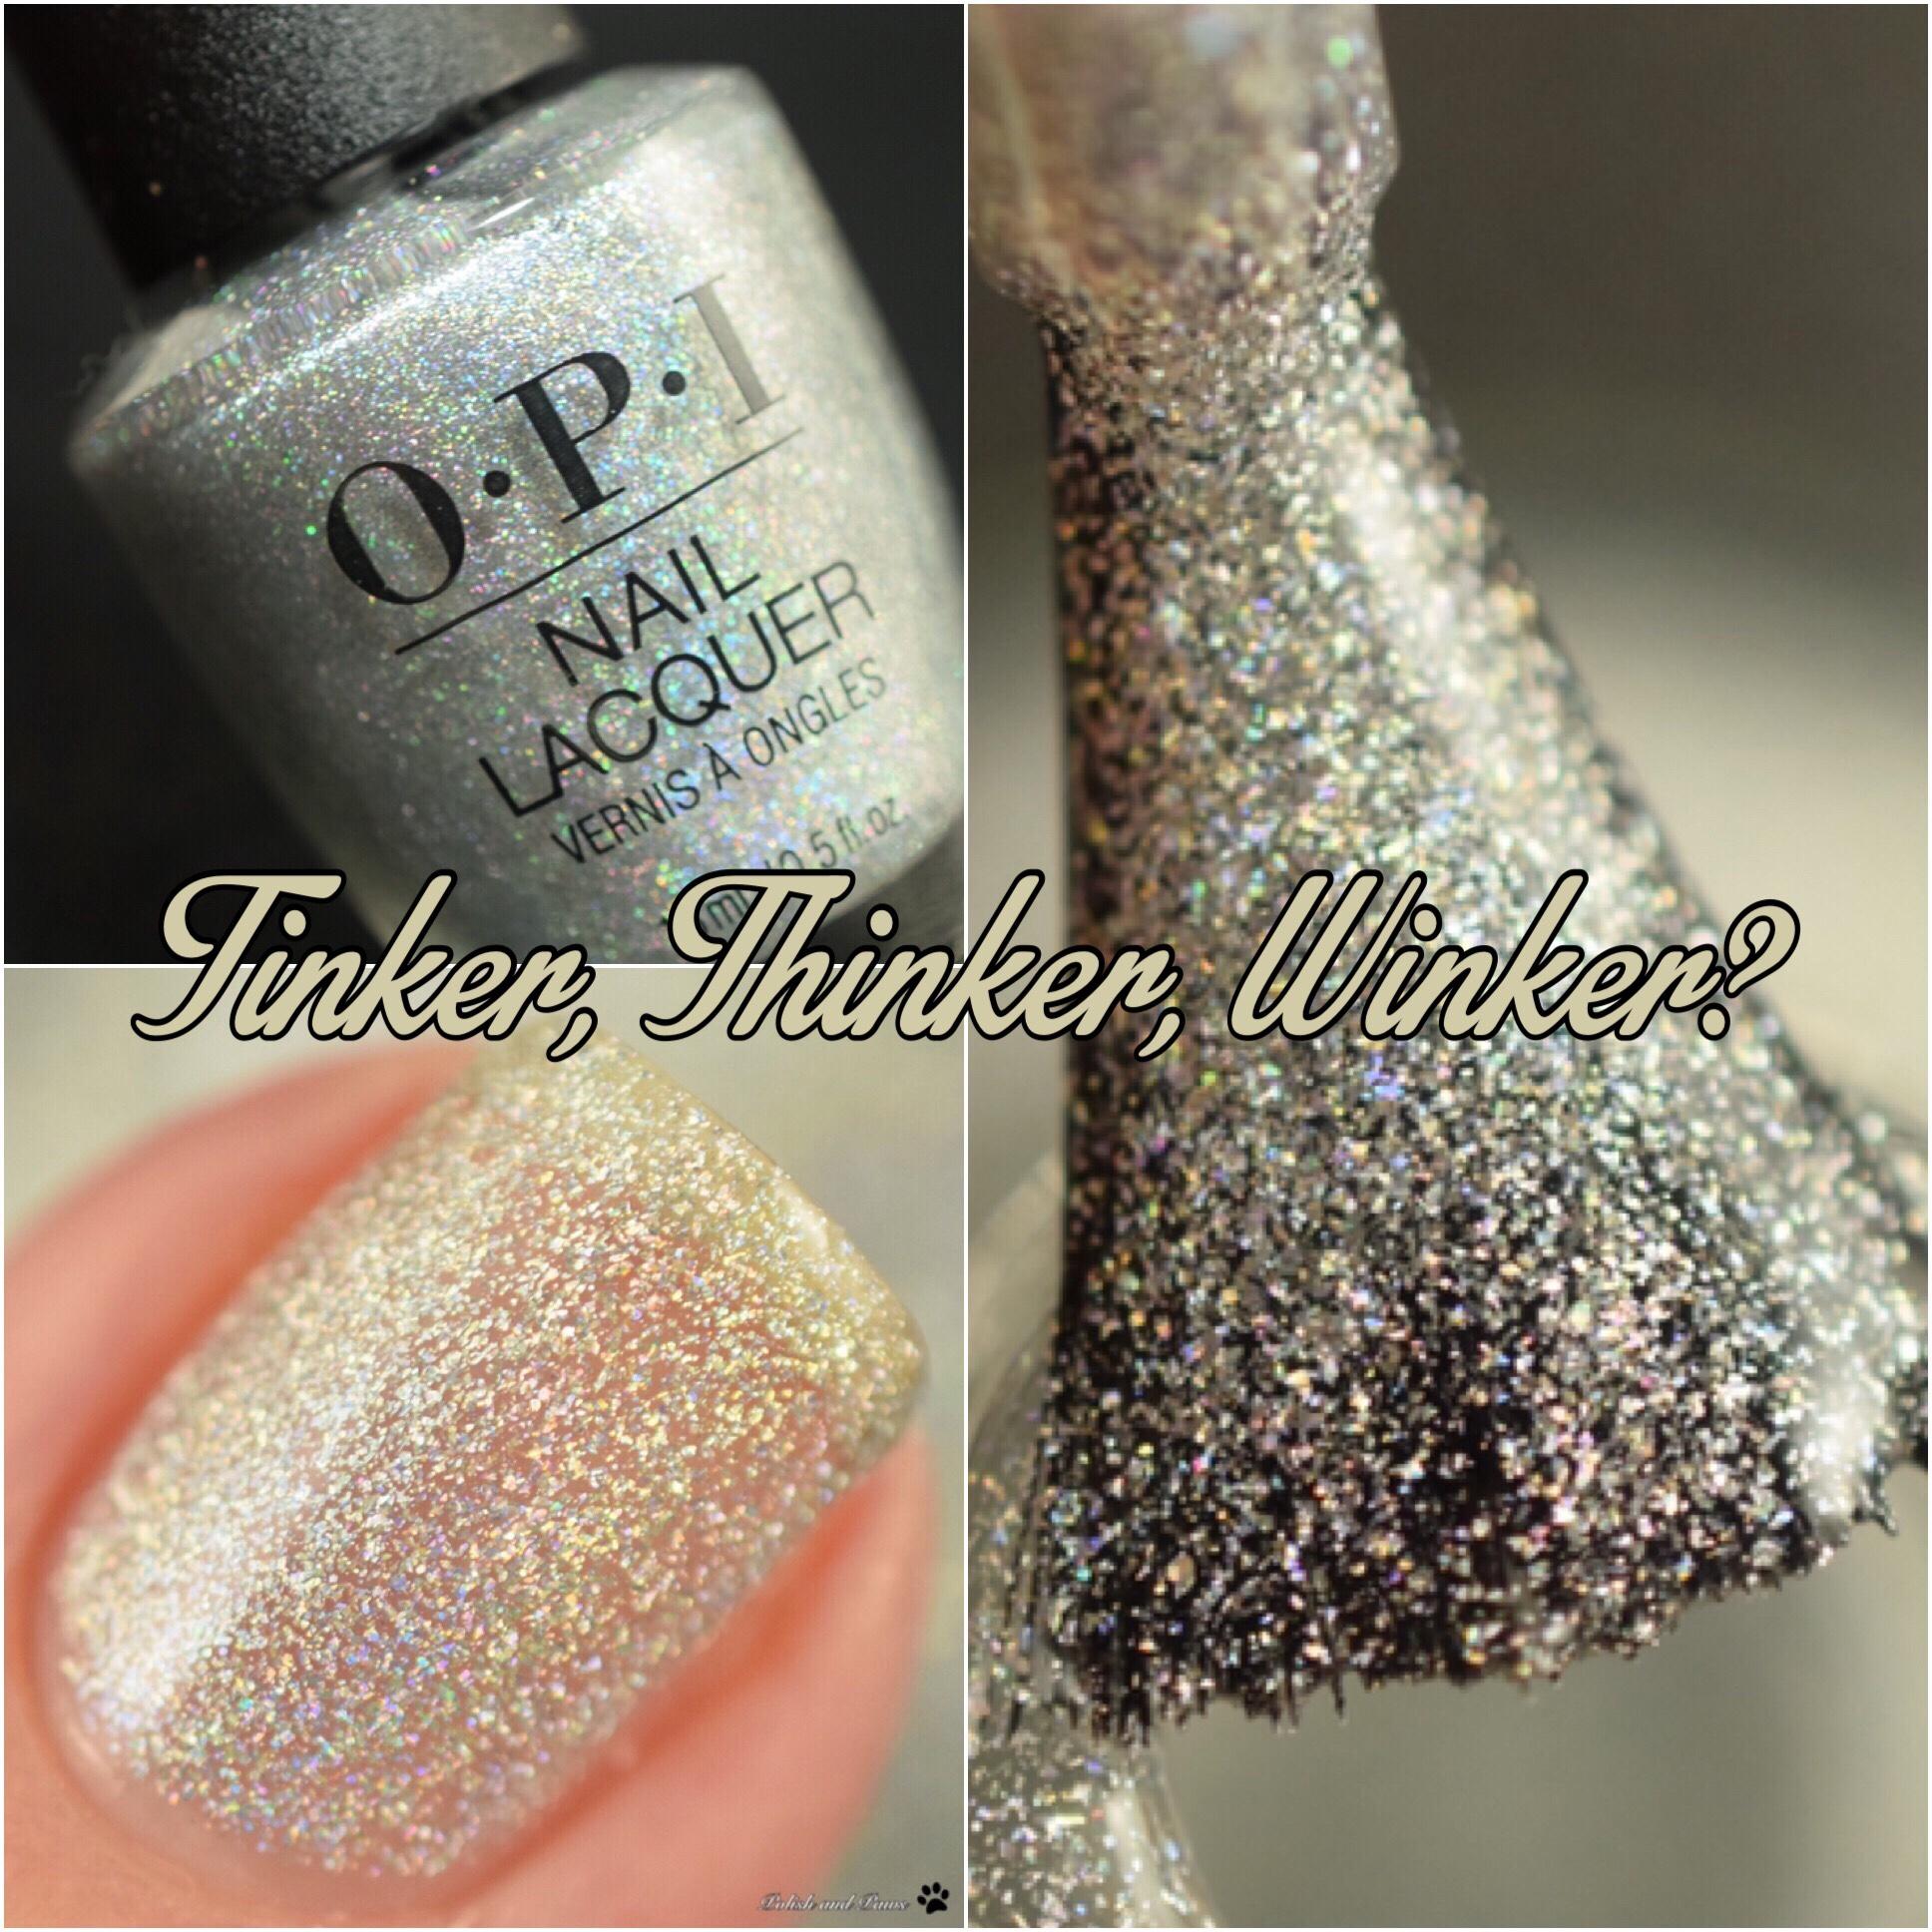 OPI Tinker, Thinker, Winker?